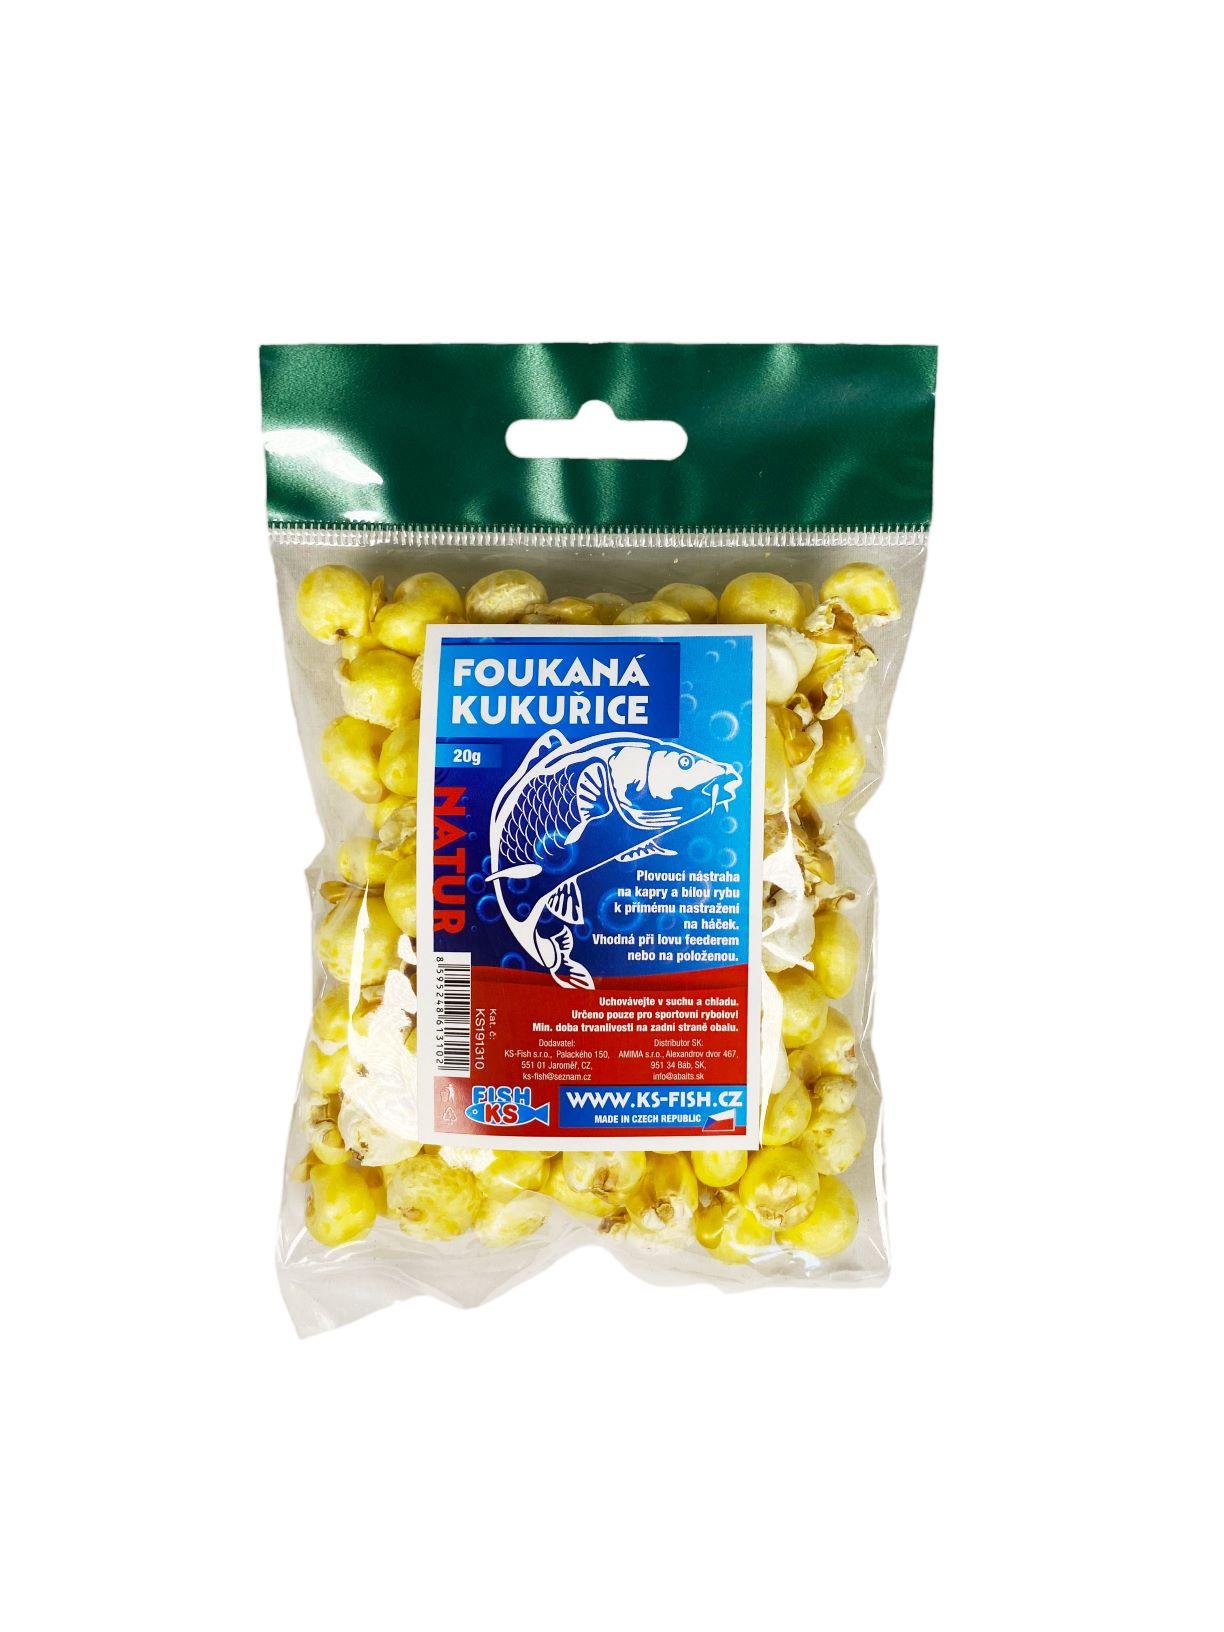 KS Fish foukaná kukuřice 20g, natur